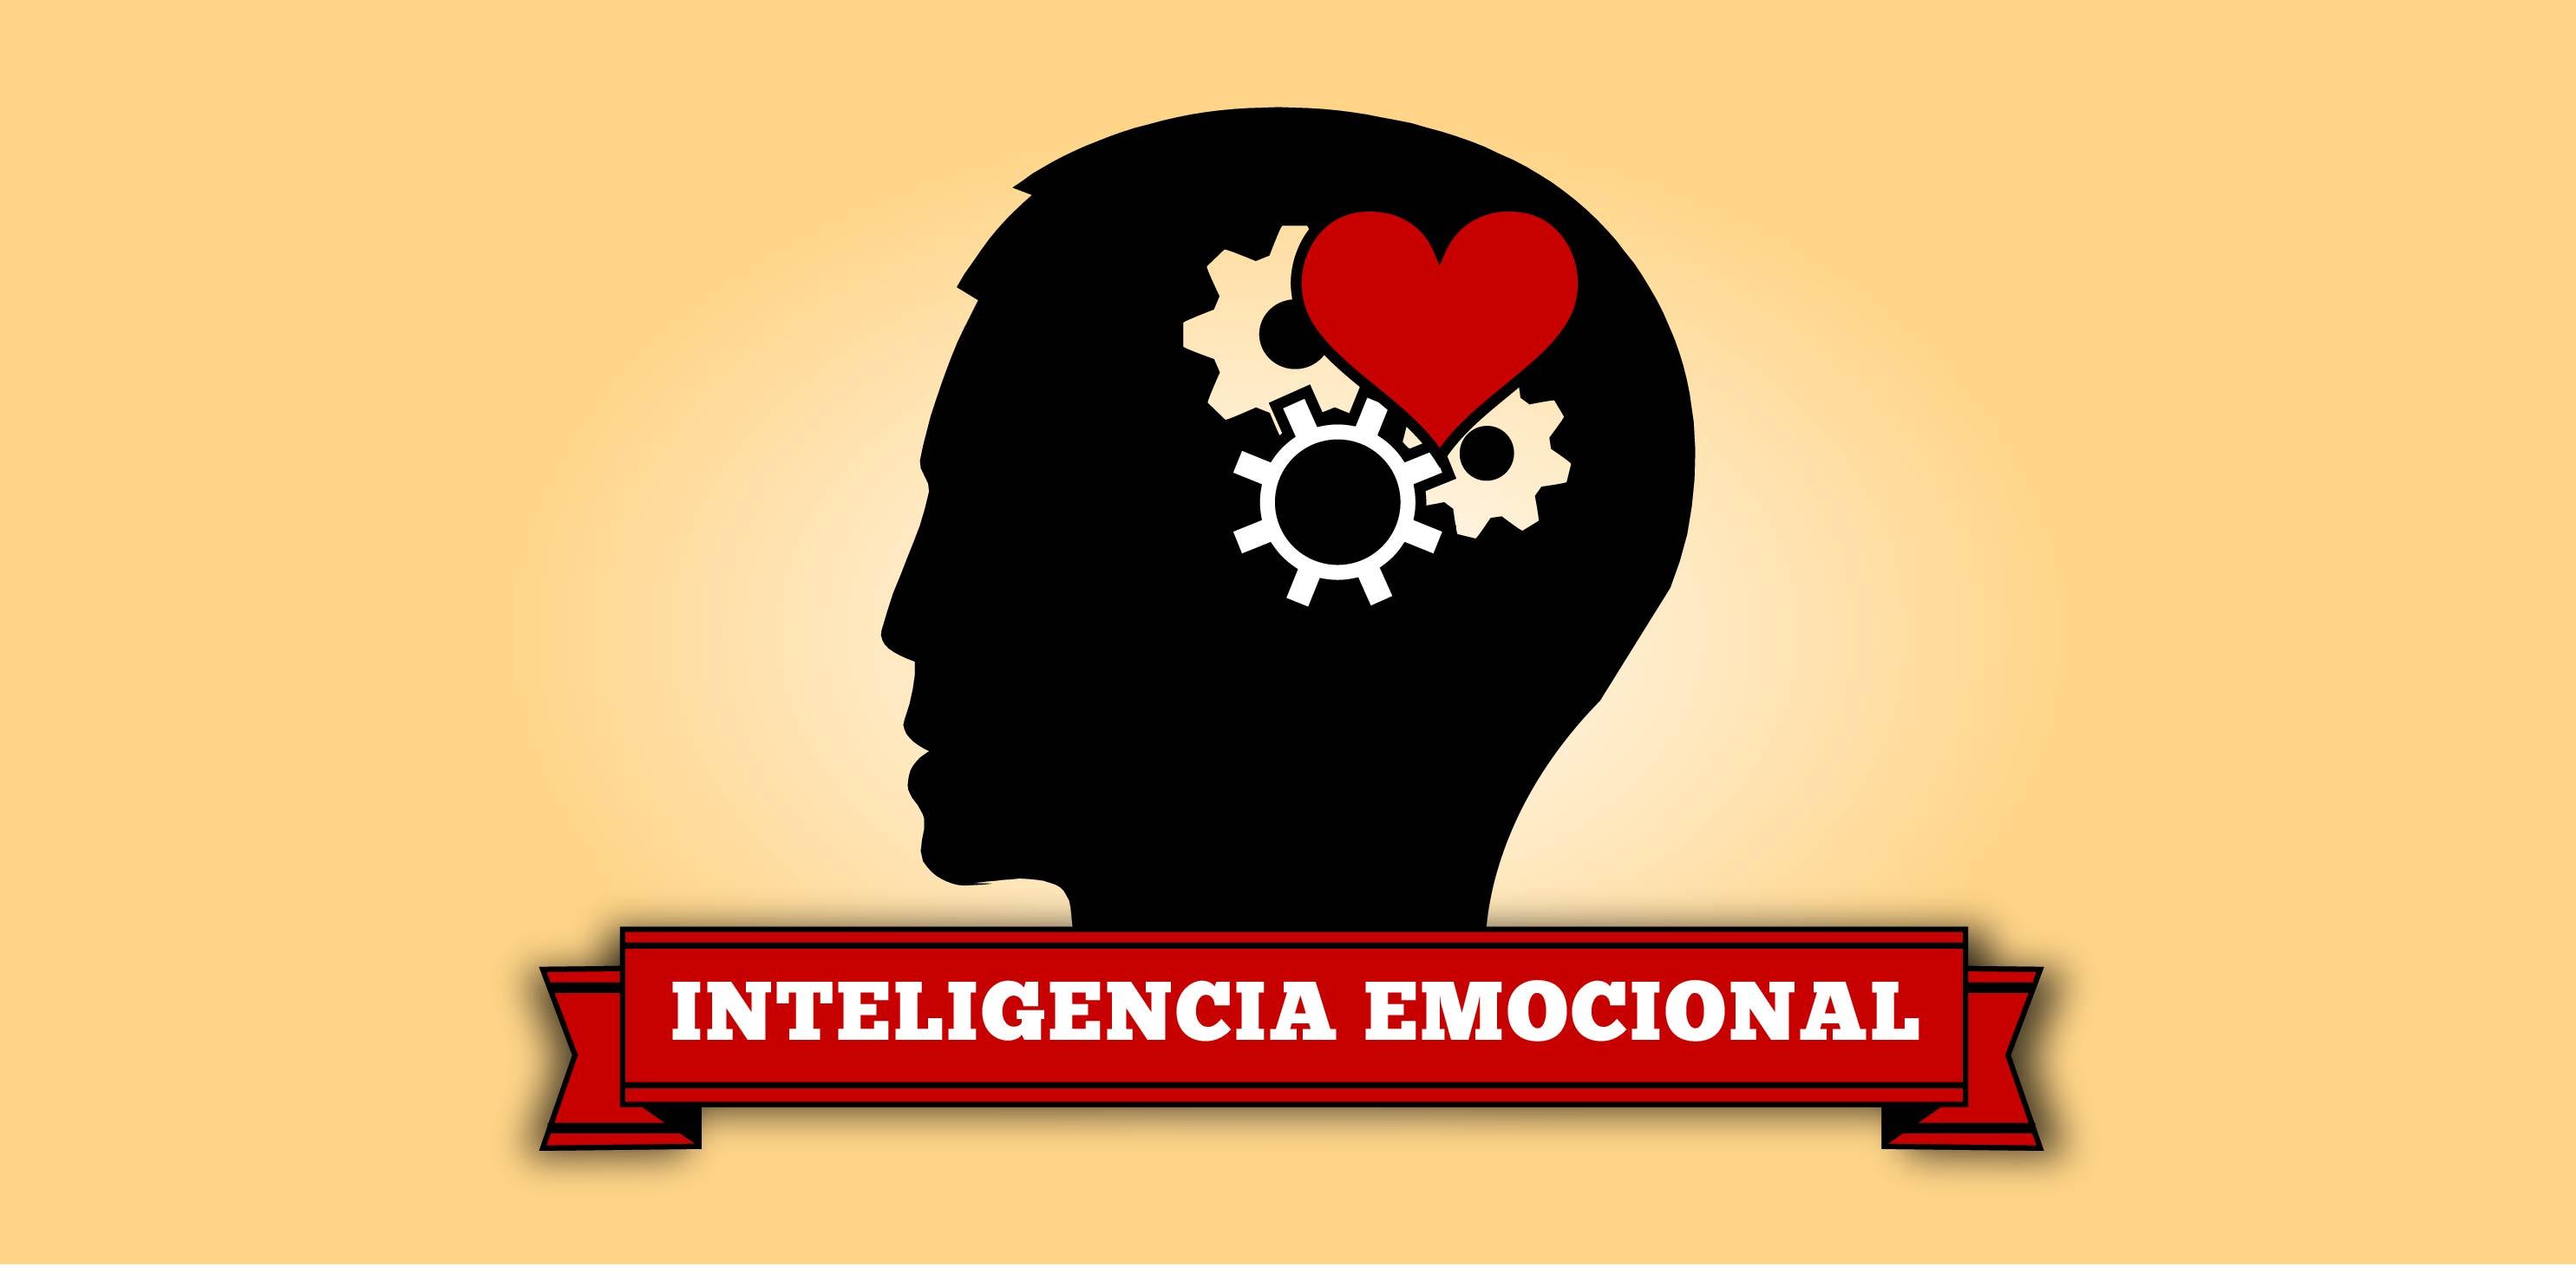 Las personas con inteligencia emocional saben qué decir en cada momento